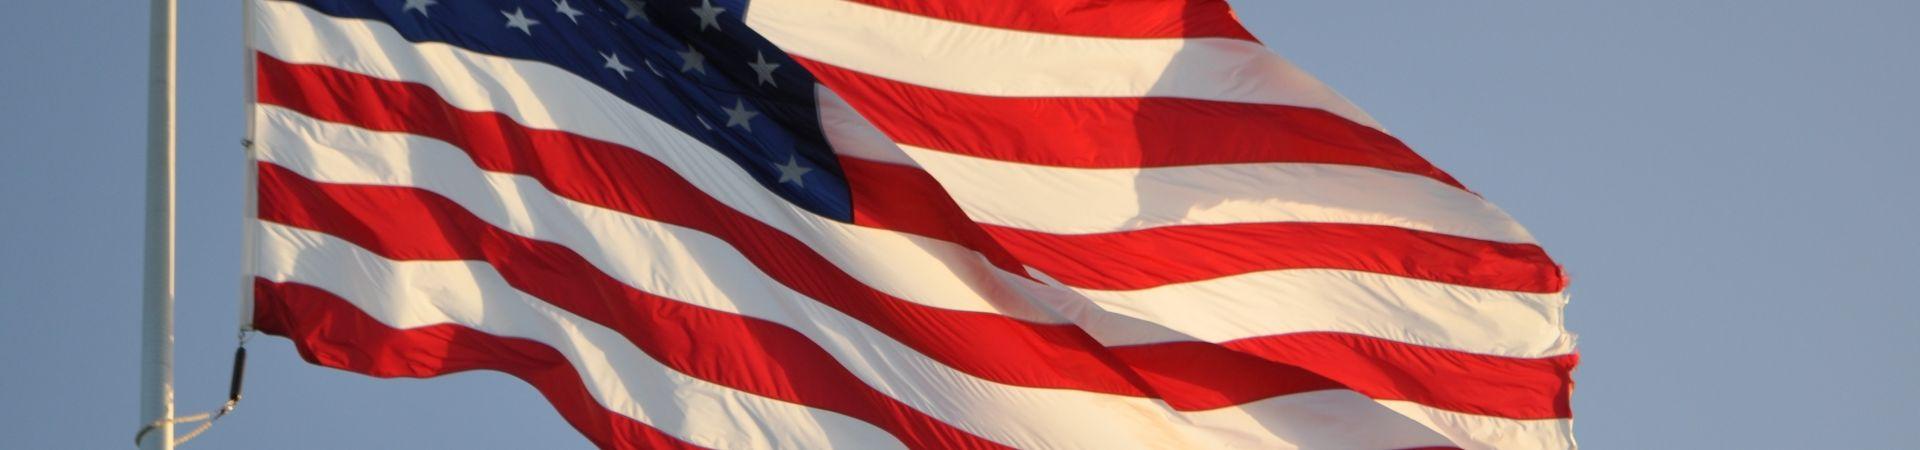 Flag-689144